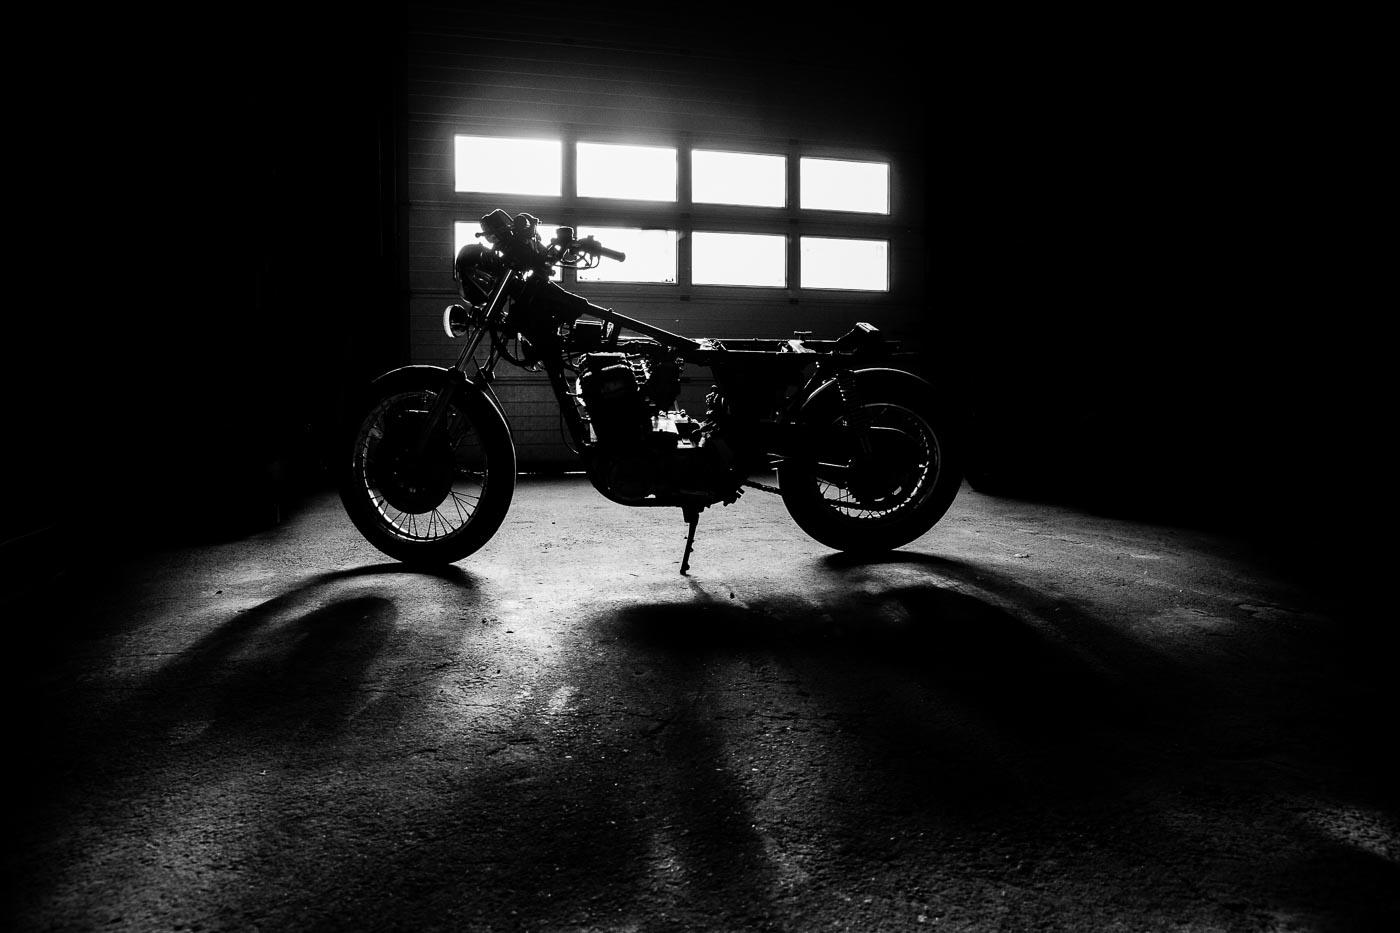 WilkieVintage_Motorcycle_Projects @ Alan Thomas Duncan Wilkie-39.jpg